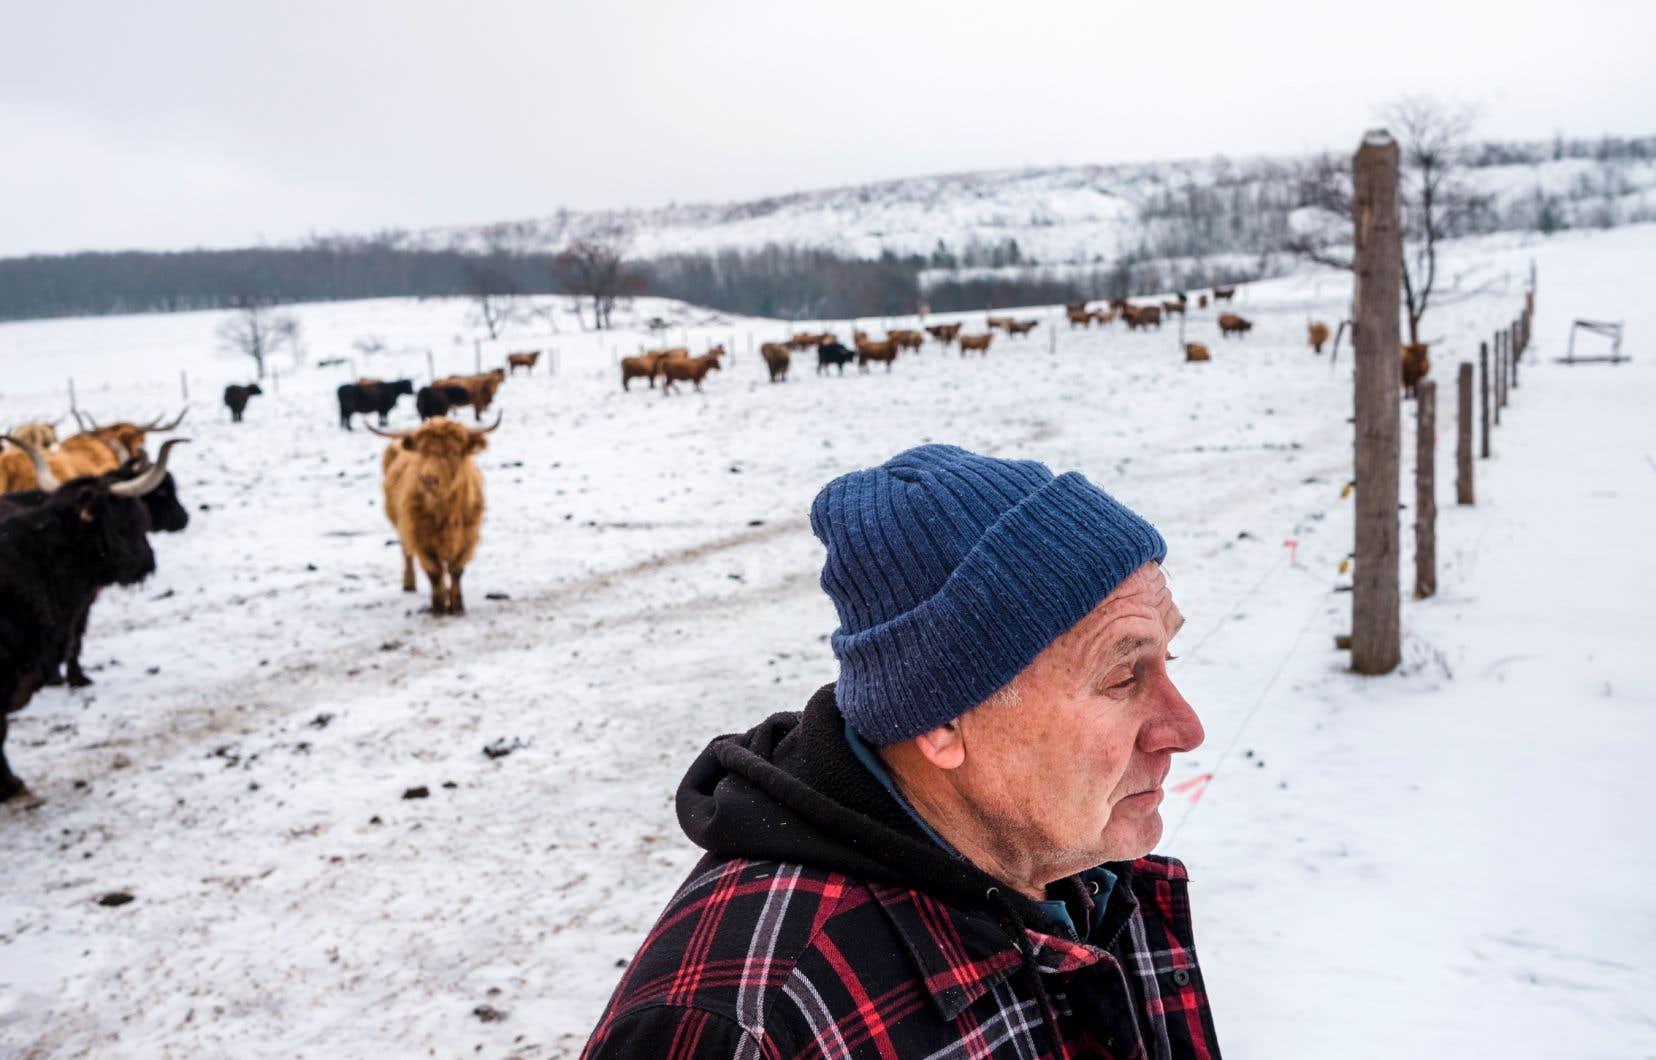 Brian Lodge a travaillé toute sa vie dans l'élevage sur une terre à l'entrée d'Asbestos. Il sourit doucement quand on lui demande s'il est inquiet des conséquences possibles des résidus d'amiante sur l'environnement.